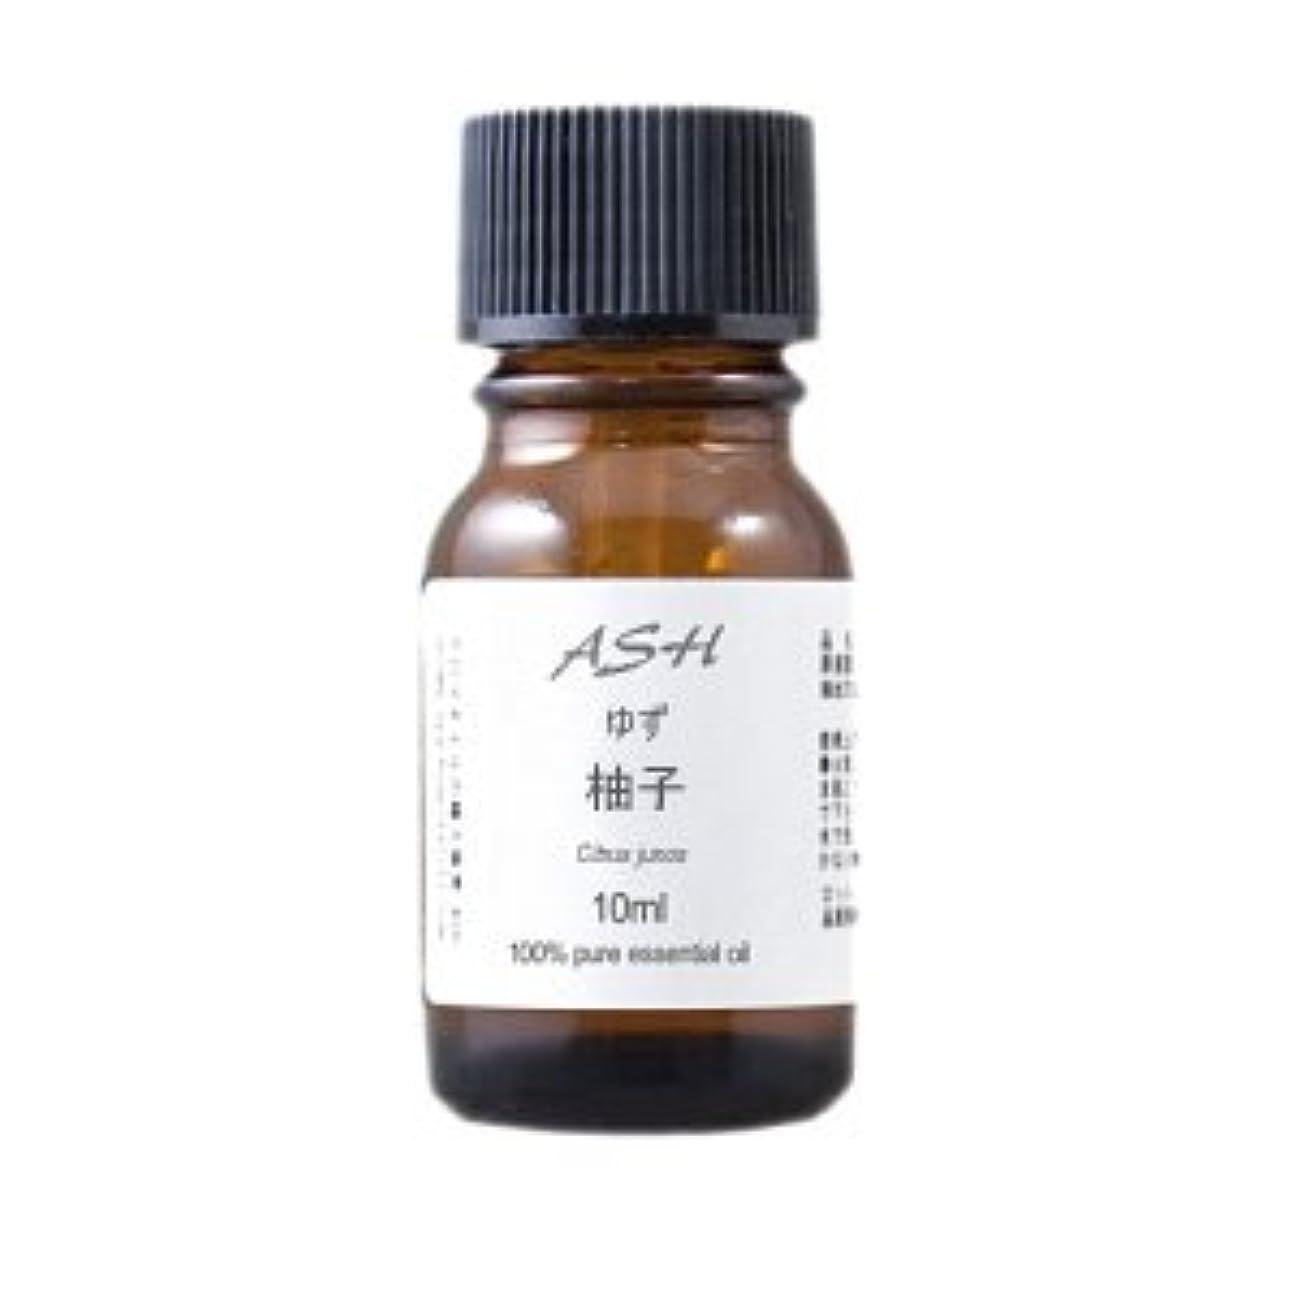 確率モナリザ驚ASH 柚子 (ゆず) エッセンシャルオイル 10ml 【和精油】【Yuzu Essential Oil-Japan】 AEAJ表示基準適合認定精油